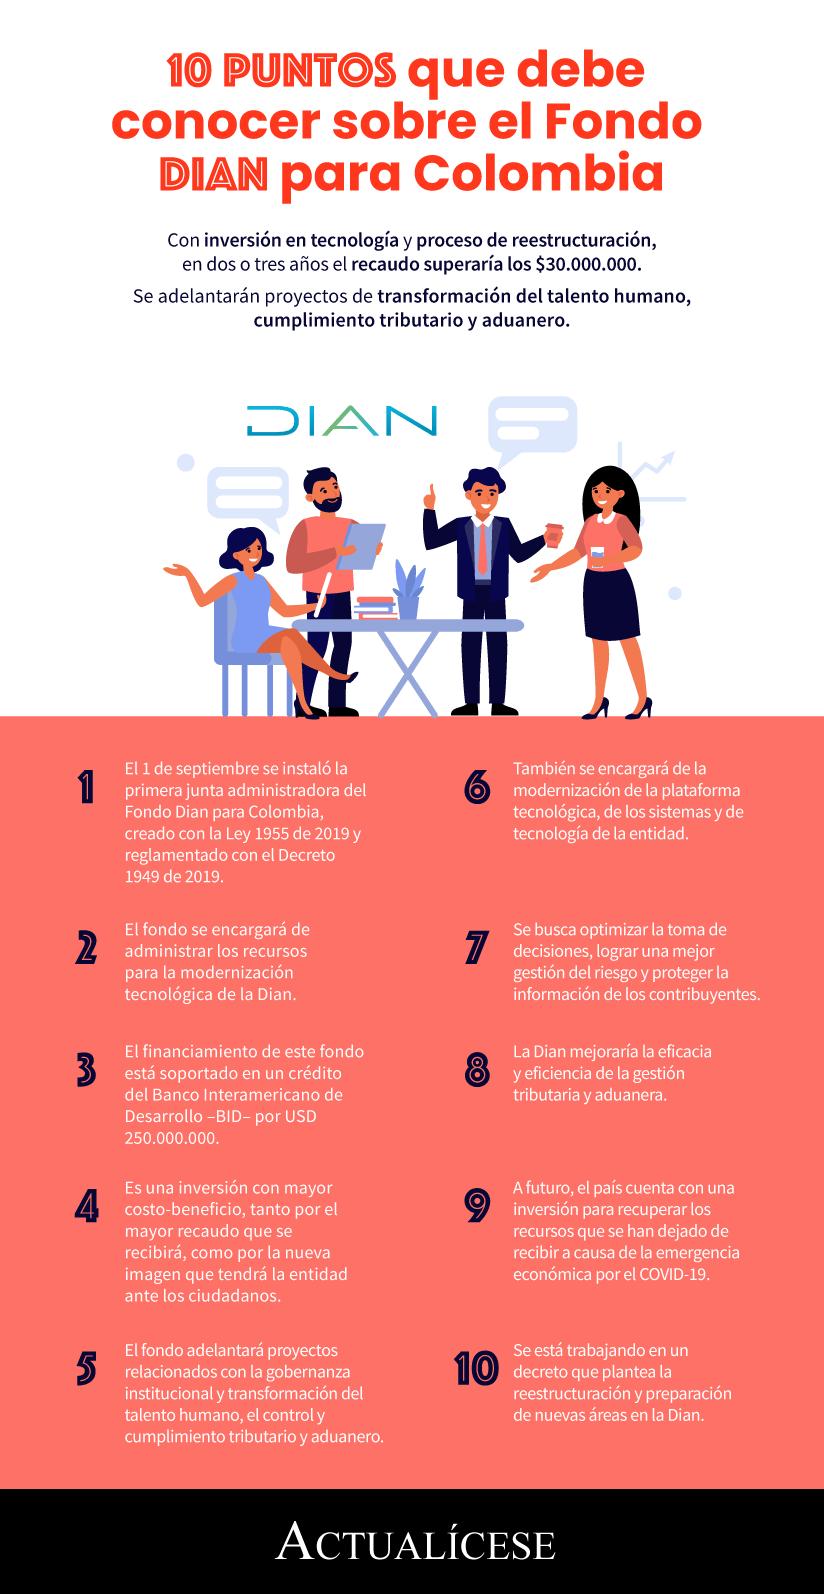 [Infografía] 10 puntos que debes conocer sobre el Fondo Dian para Colombia